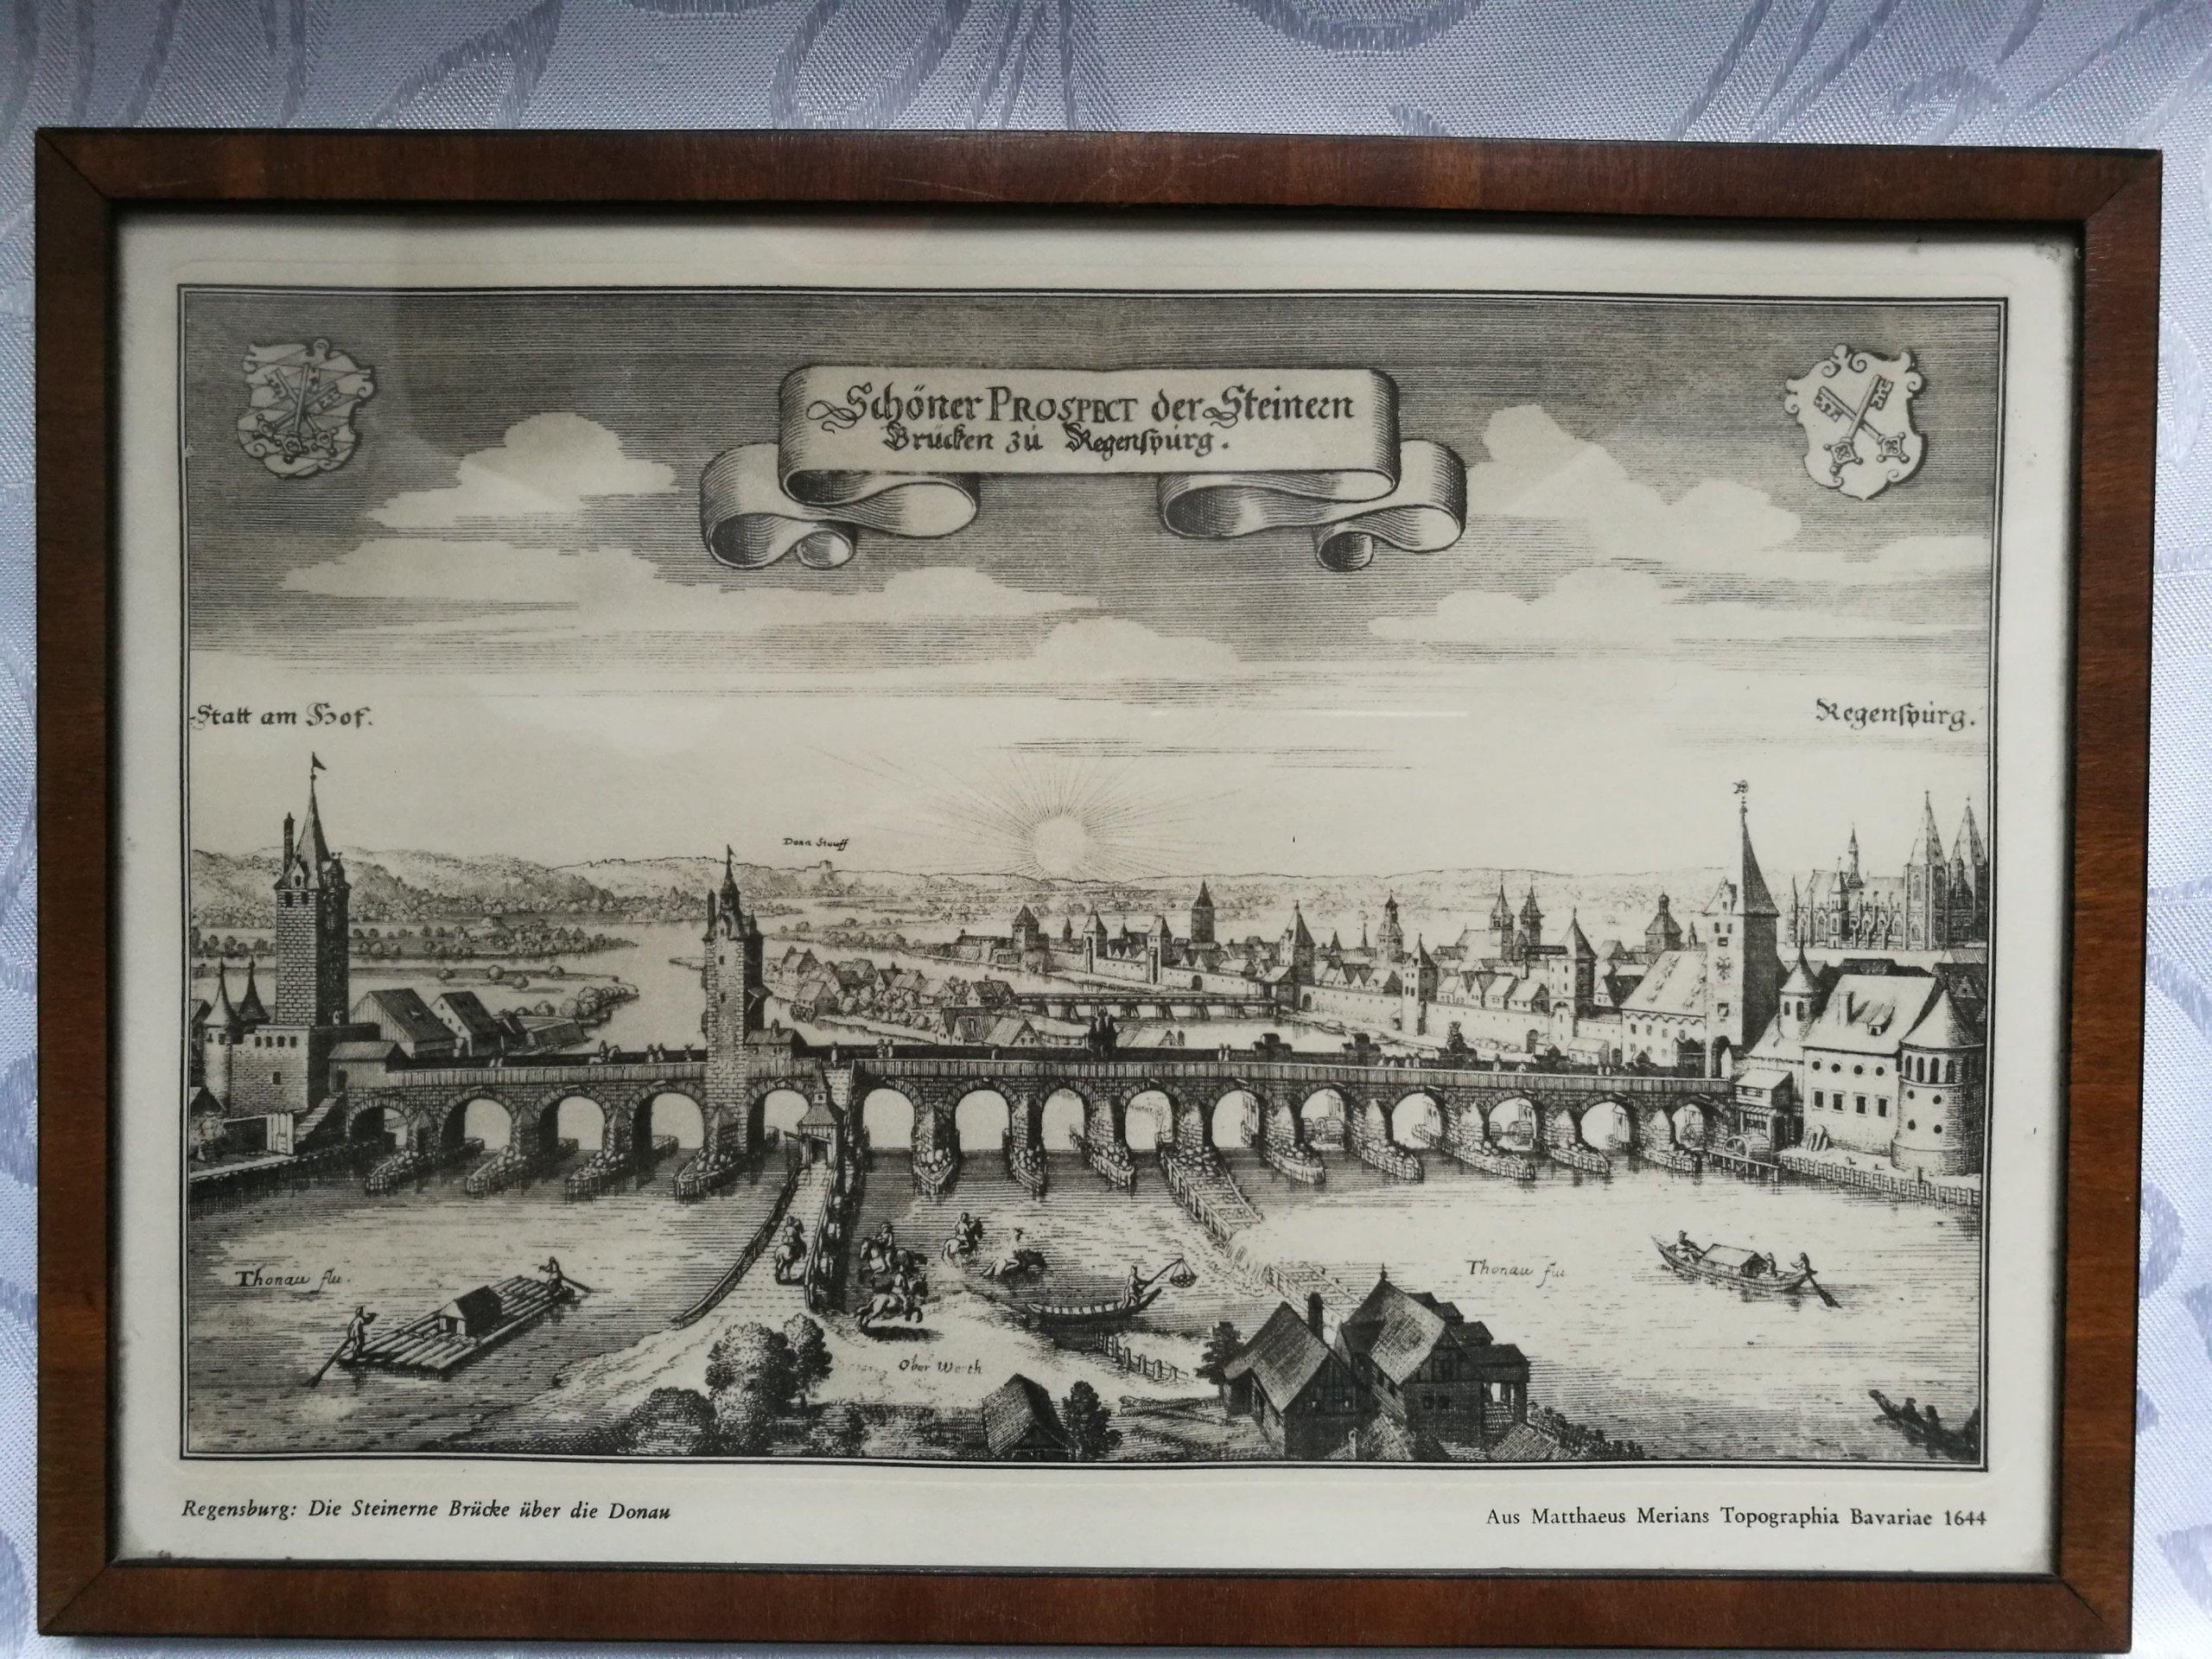 Matthaeus Merians Regensburg 1644